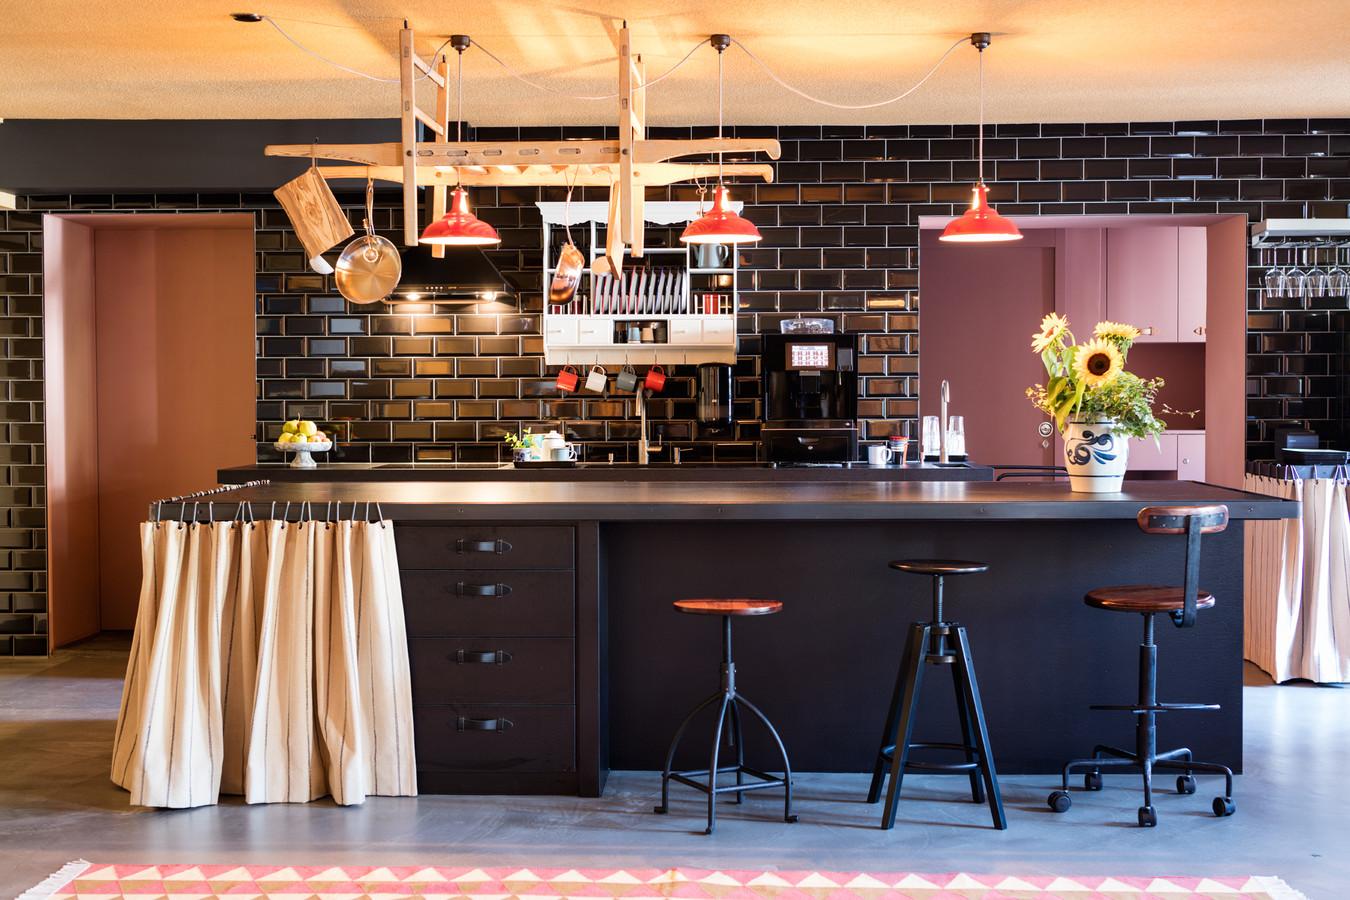 hoteldelondres kueche globesession. Black Bedroom Furniture Sets. Home Design Ideas